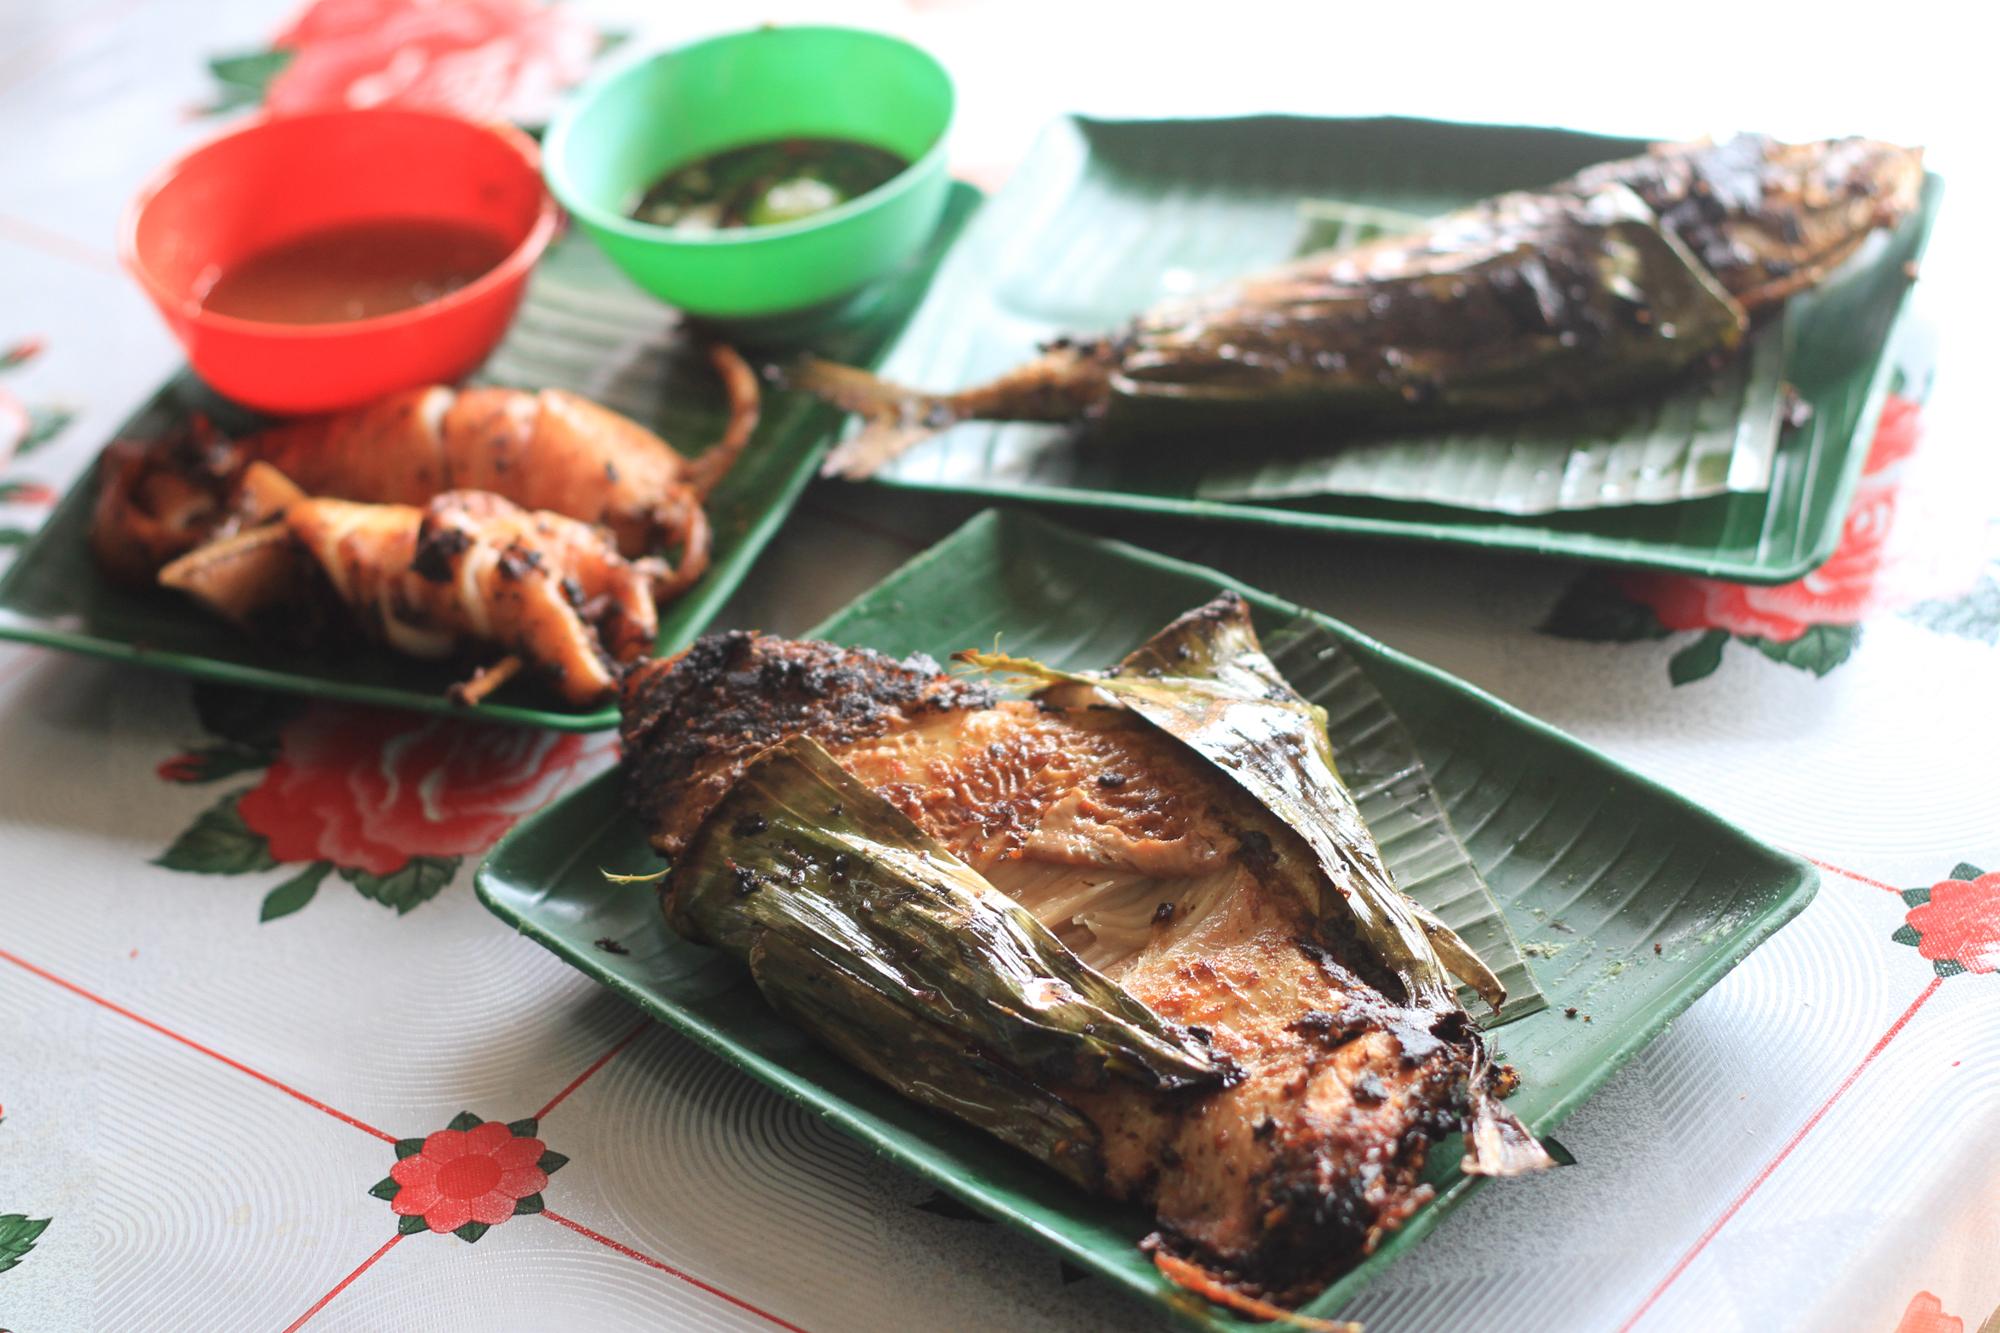 Ikan bakar Kedai Kat Jat